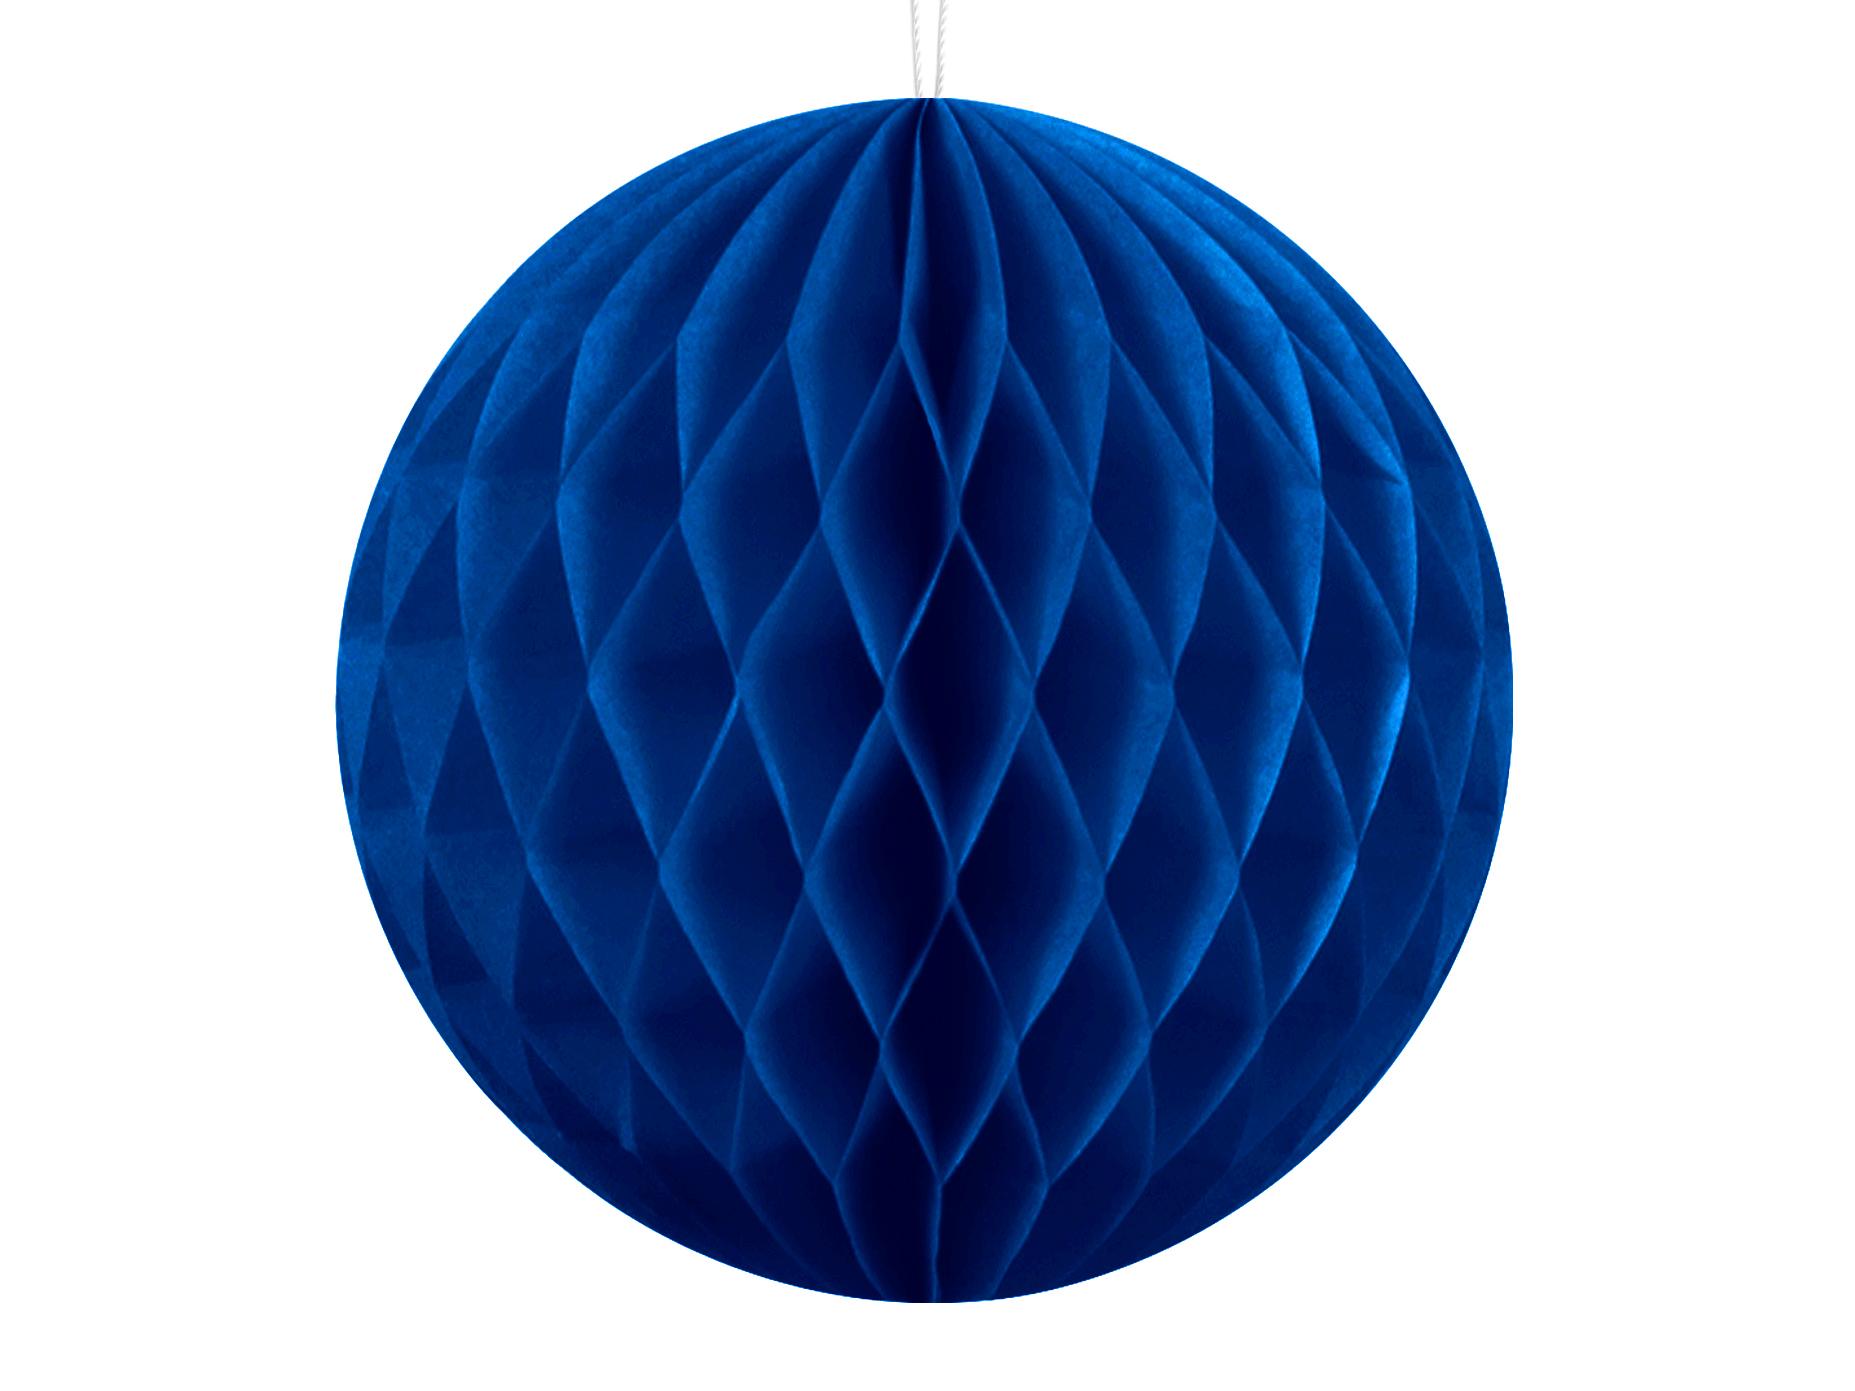 Χάρτινη Διακοσμητική Μπάλα Μπλε 10εκ